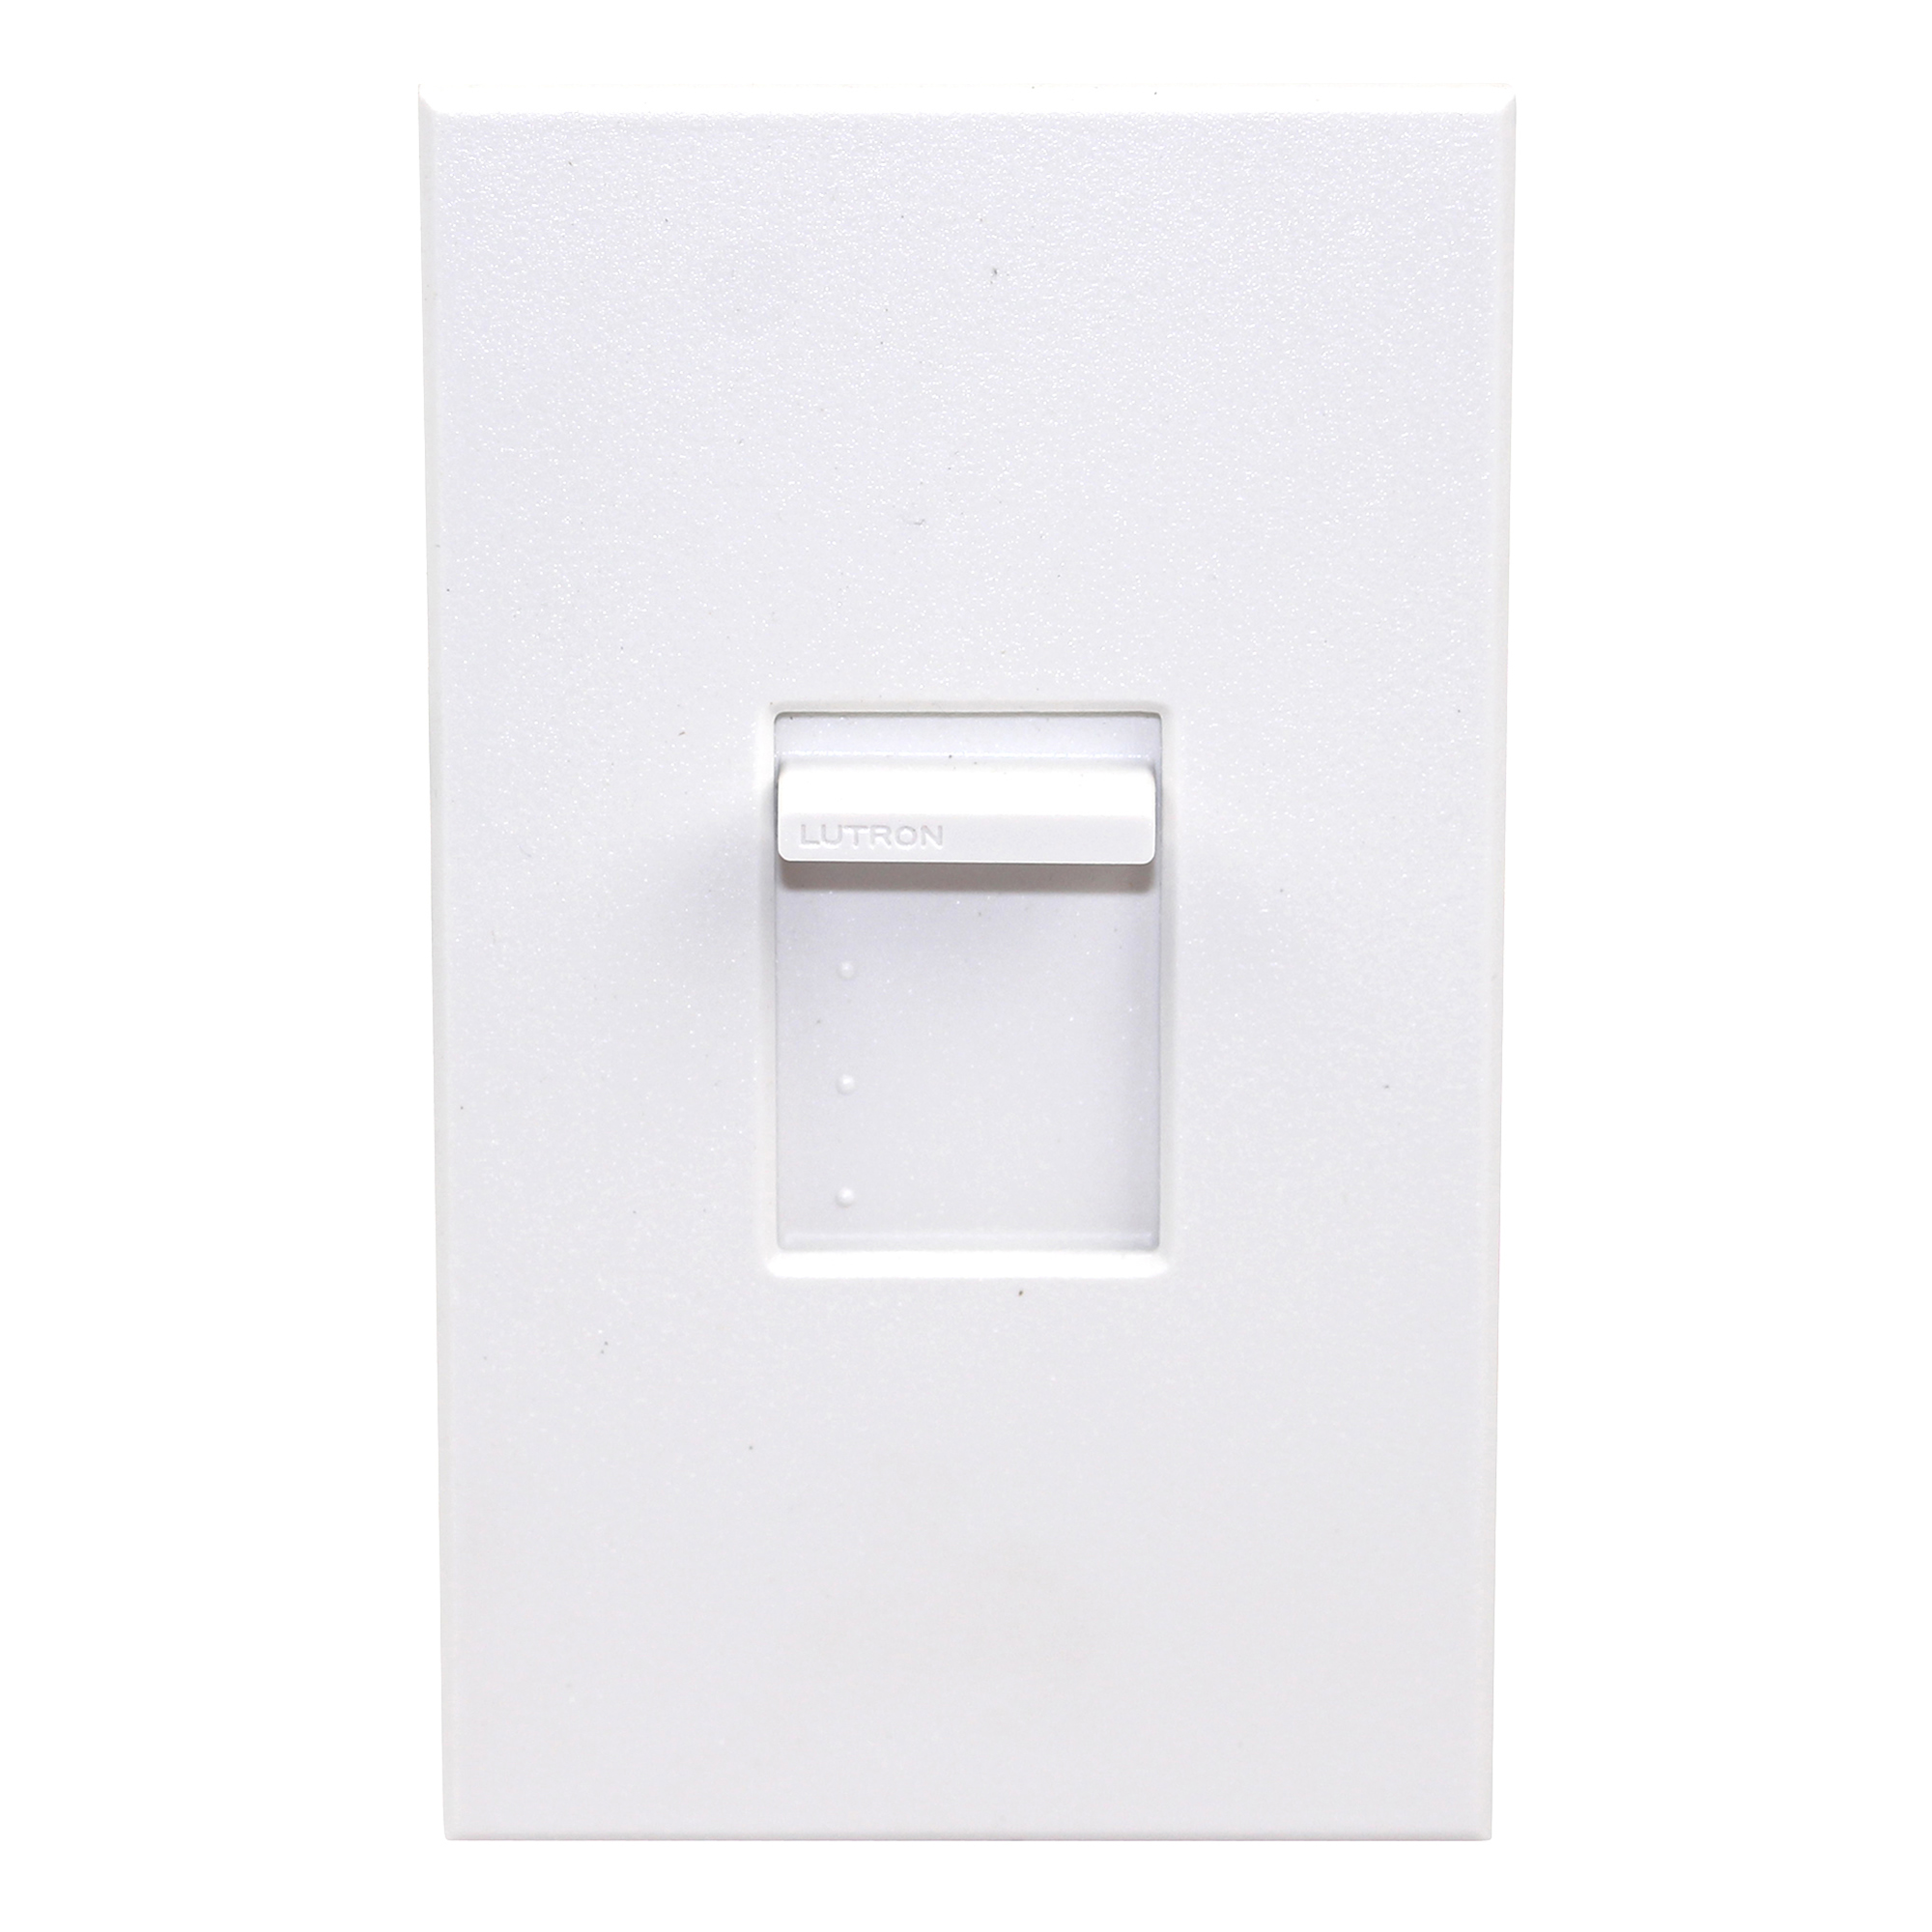 lutron ntf 10 wh nova 120v 16a fluorescent 3w hi lume led. Black Bedroom Furniture Sets. Home Design Ideas